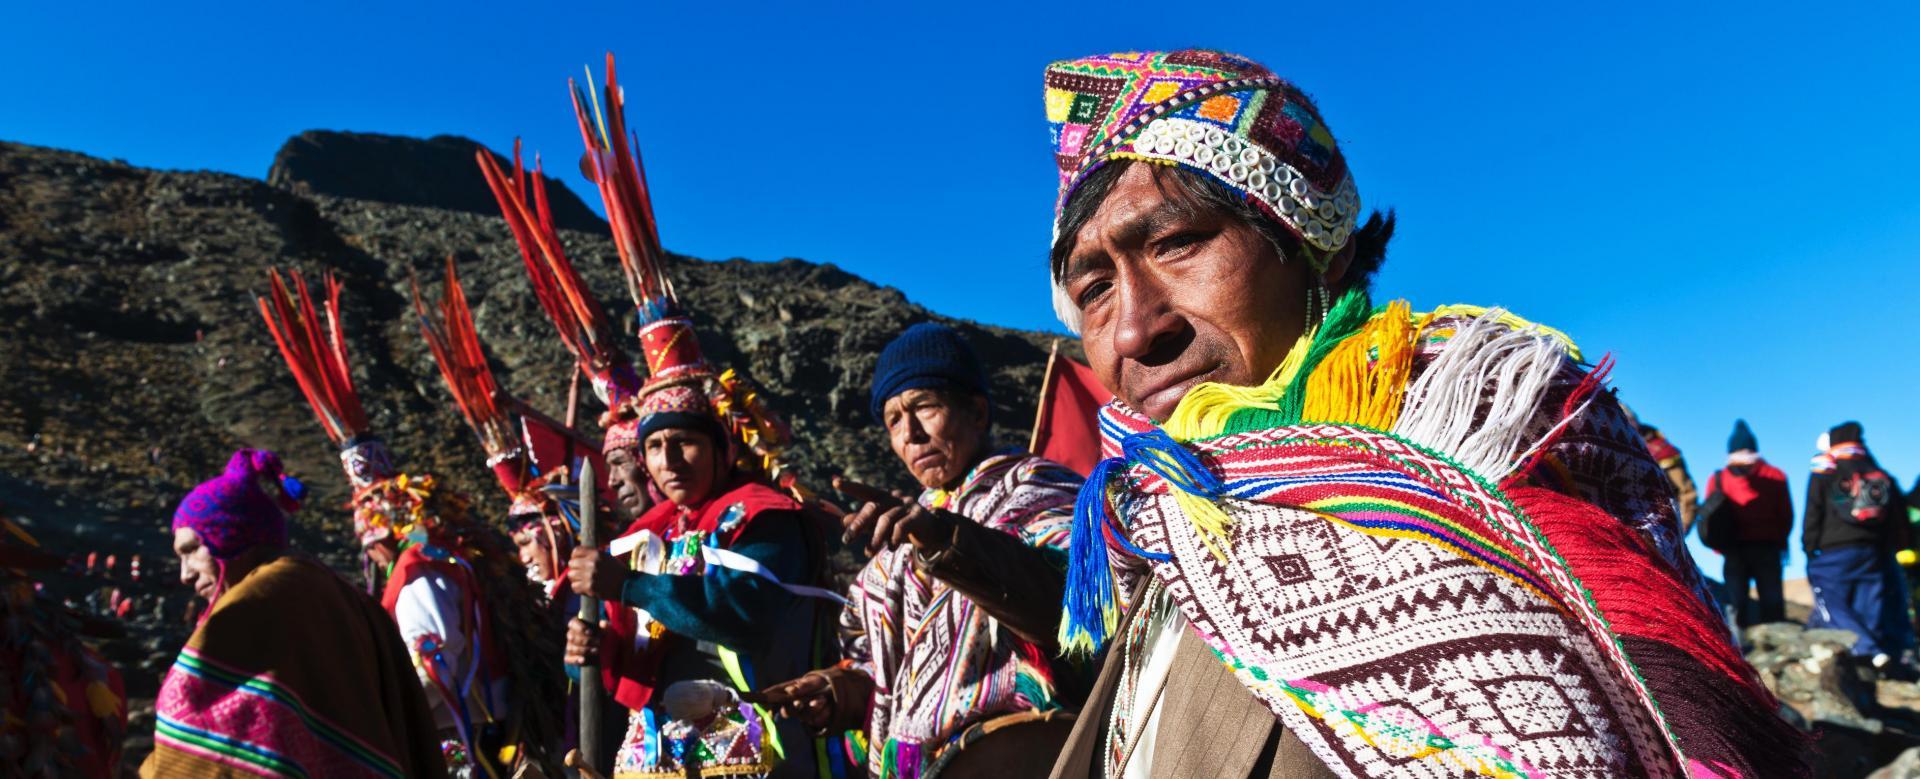 Voyage à pied : Qoyllur riti, le pèlerinage des glaciers